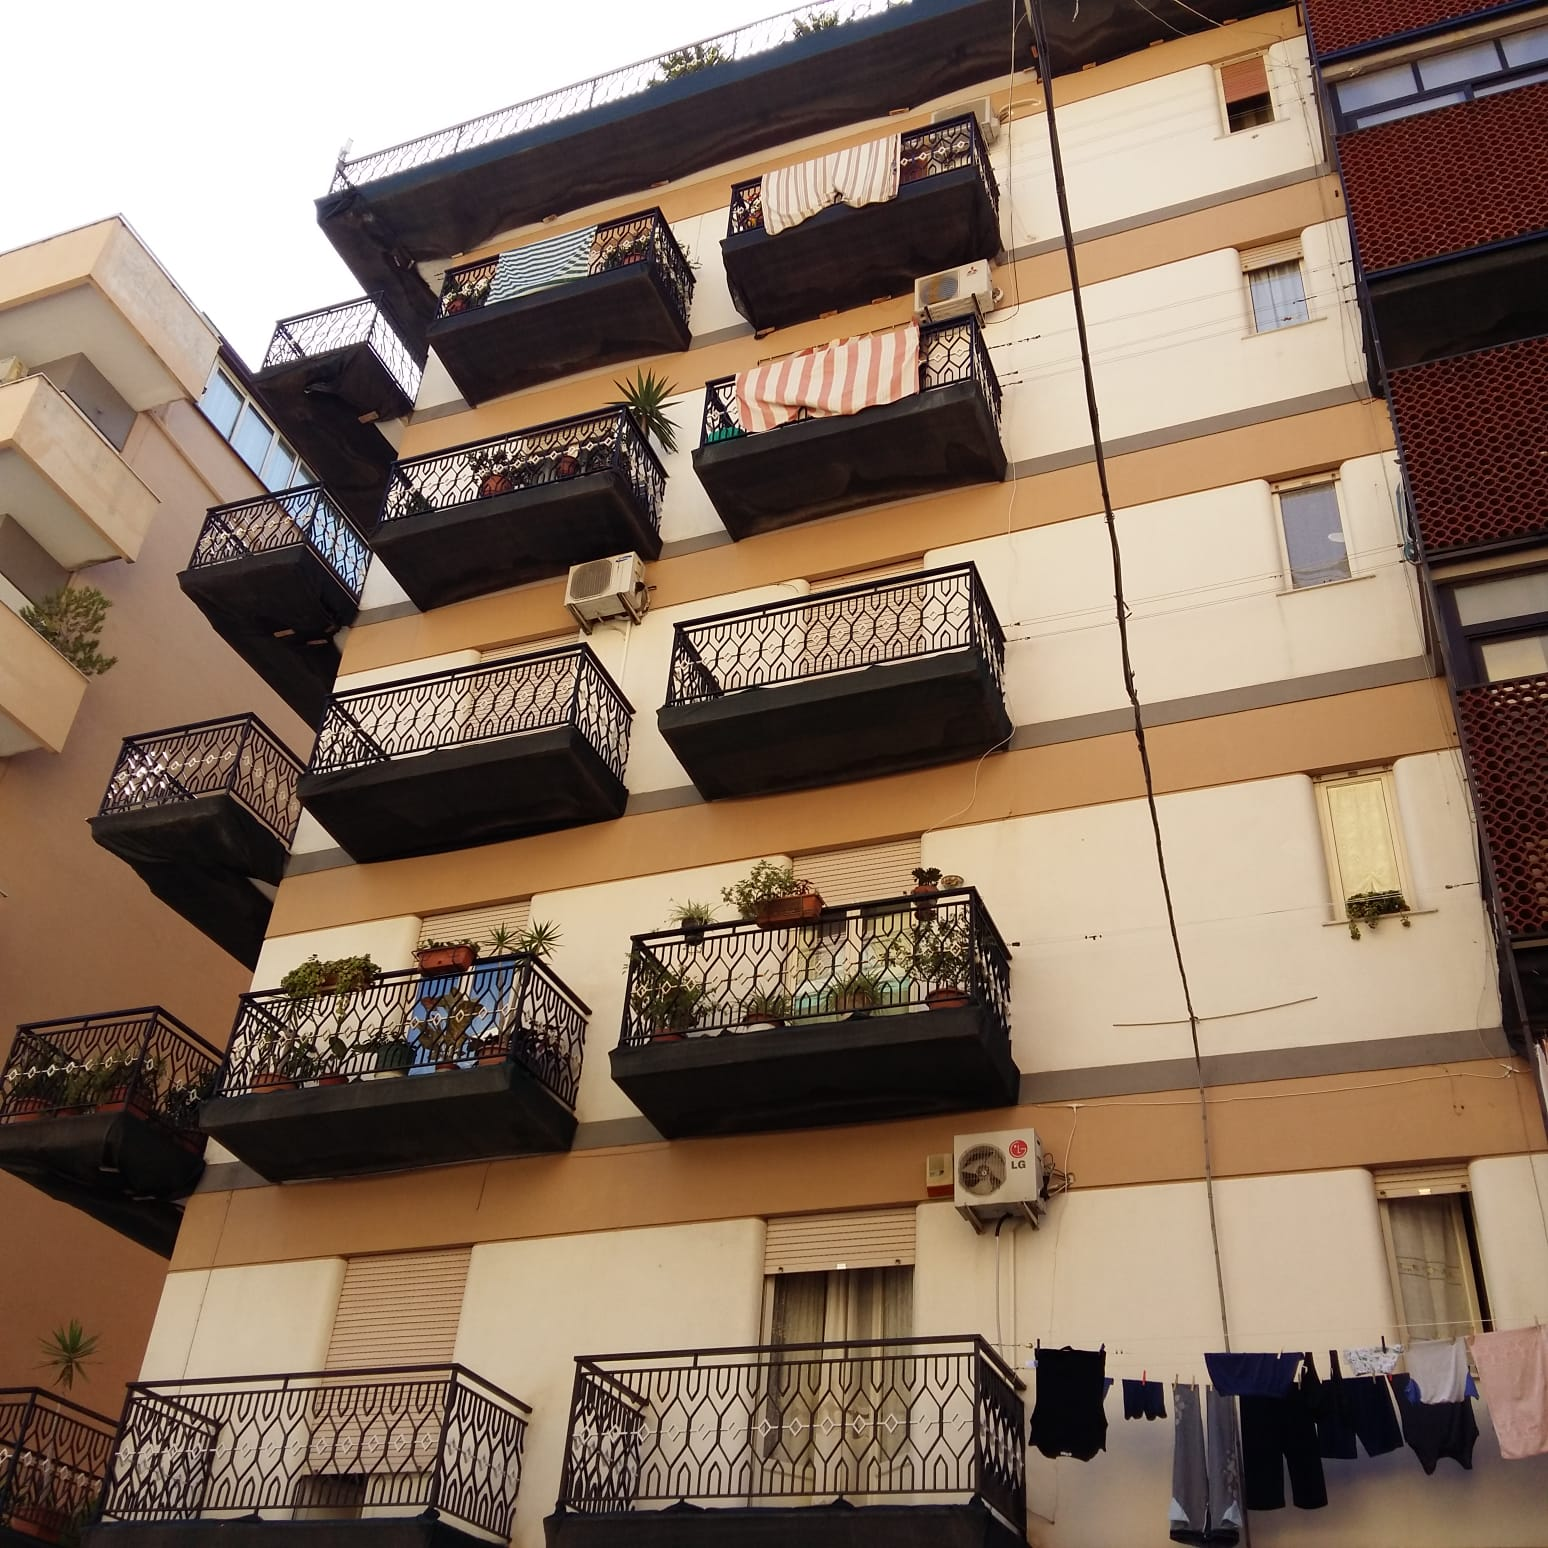 Quadrivani 145 Mq Monreale/Via della Repubblica